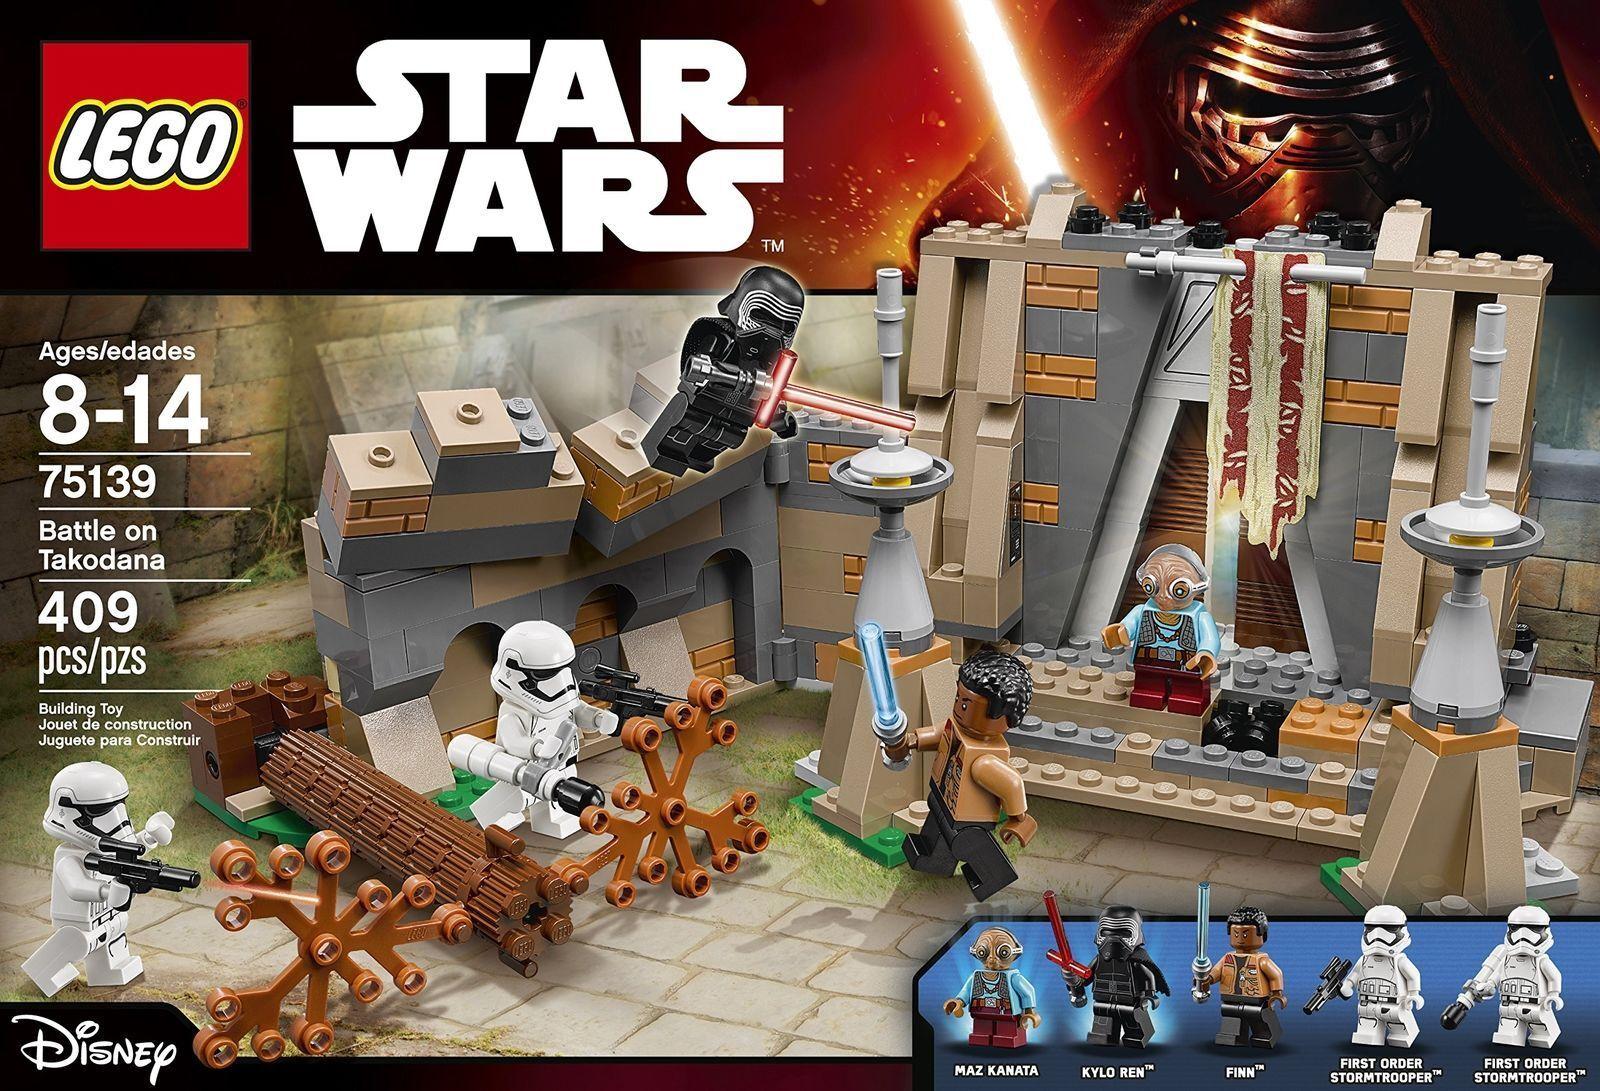 NIB MINT LEGO STAR WARS Battle on Takodana 75139 Discontinued NEW SEALED